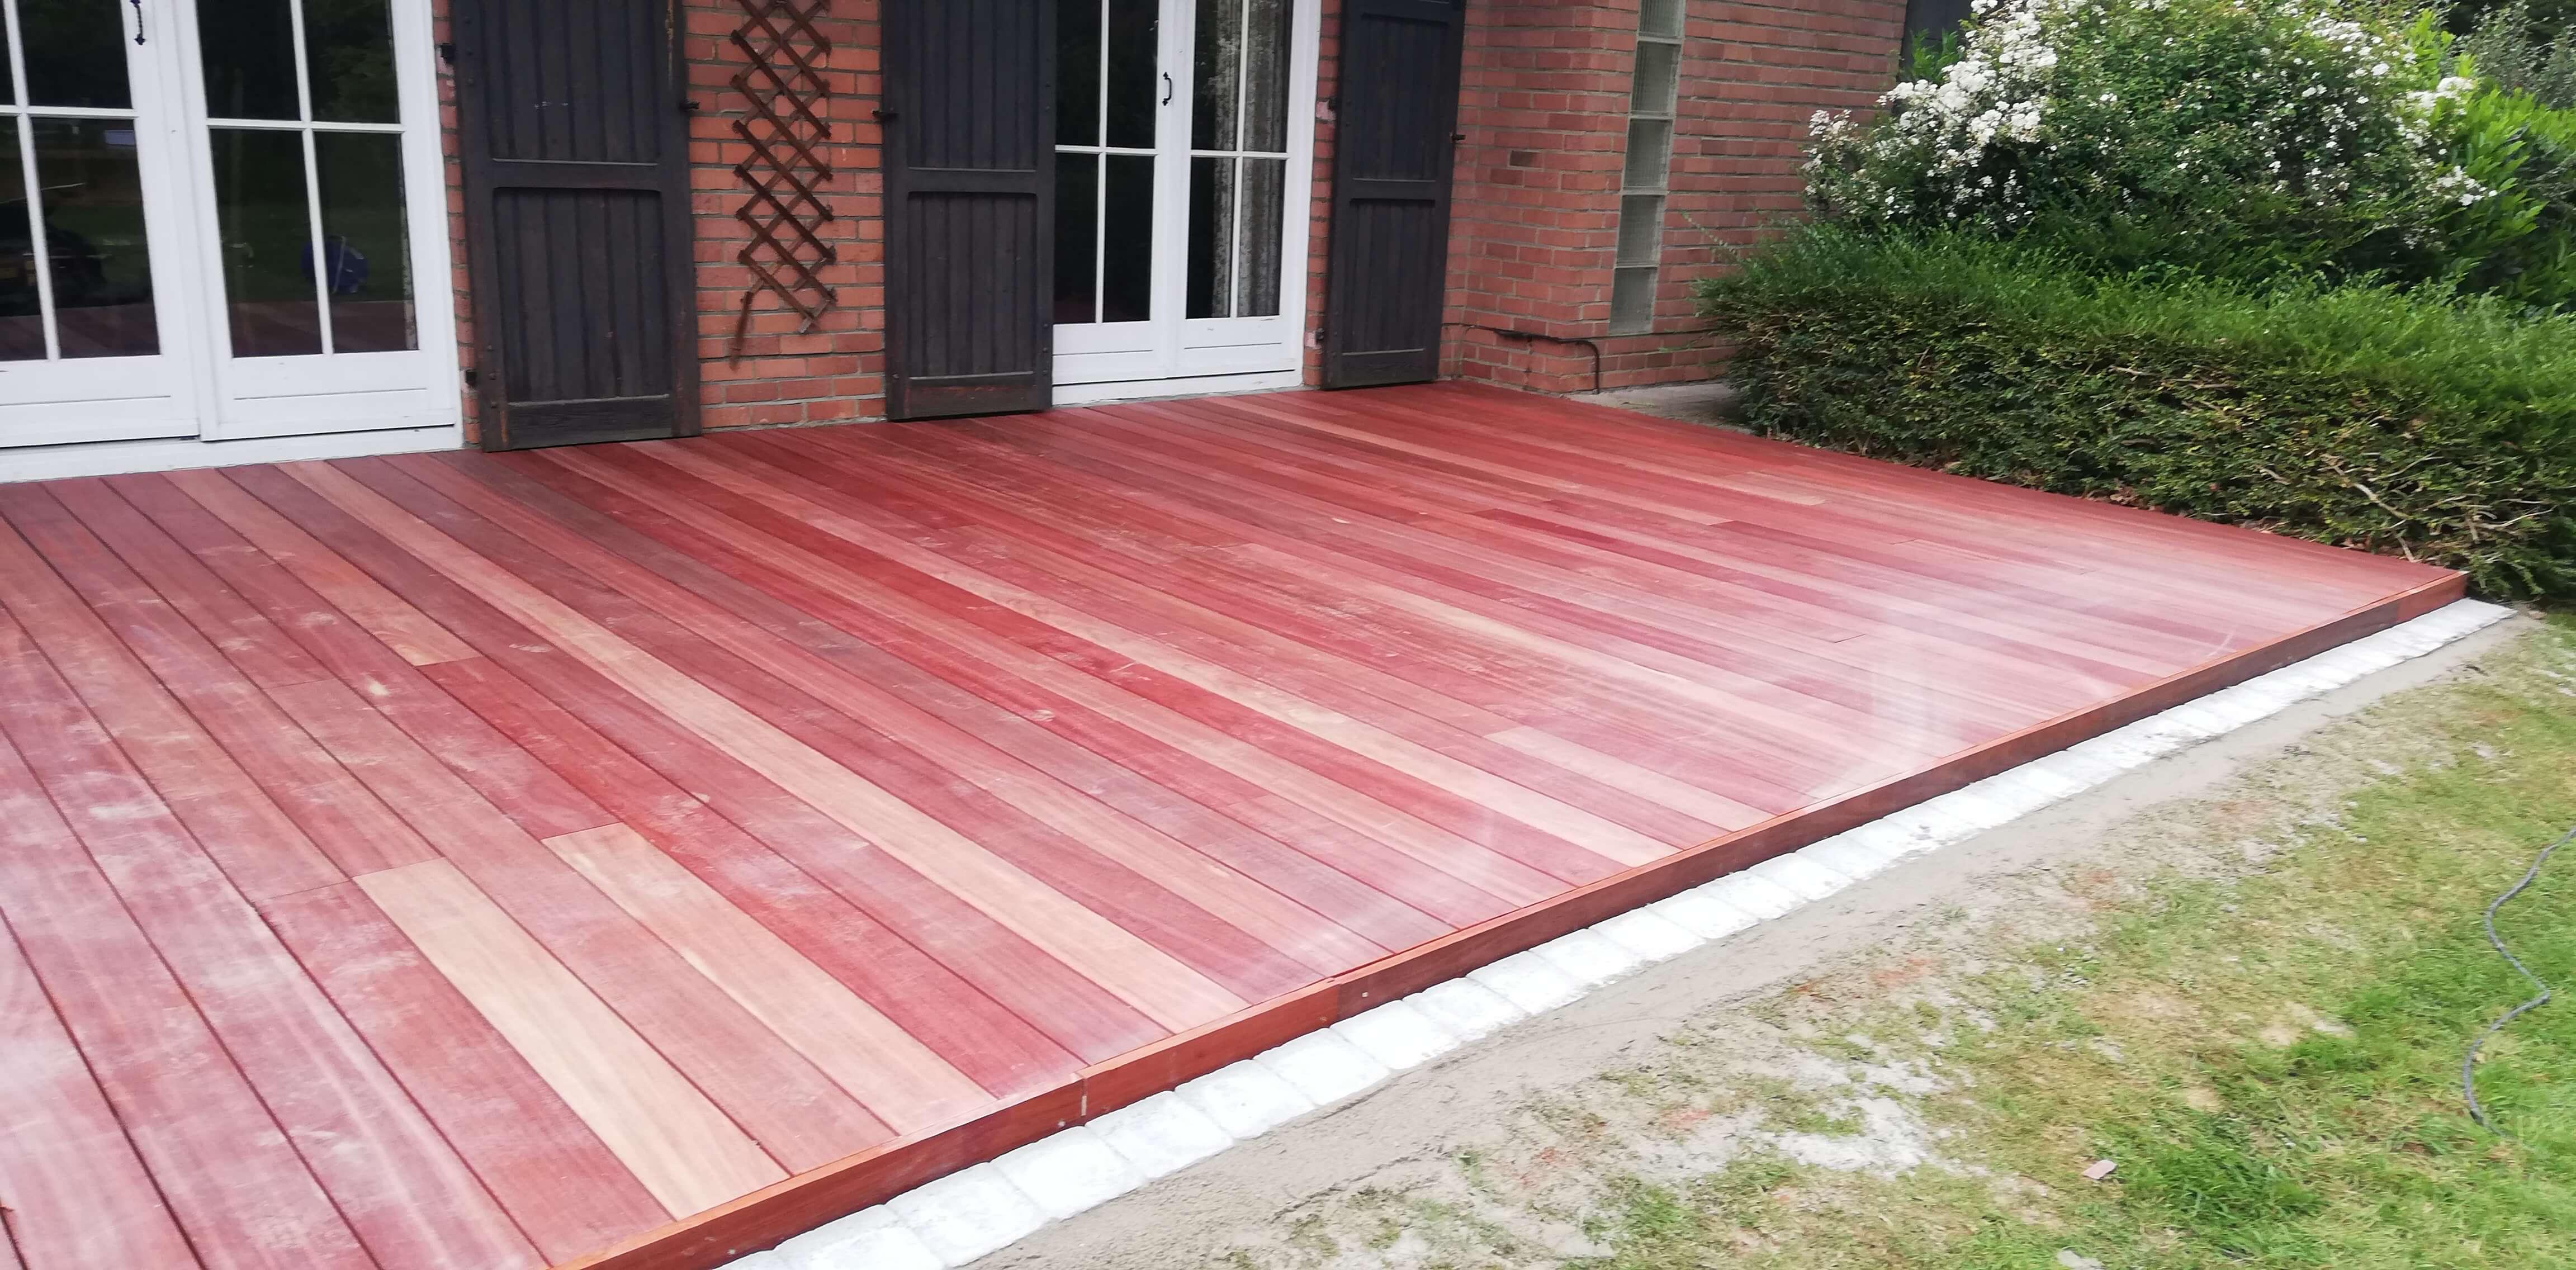 terrasse en bois de padouk